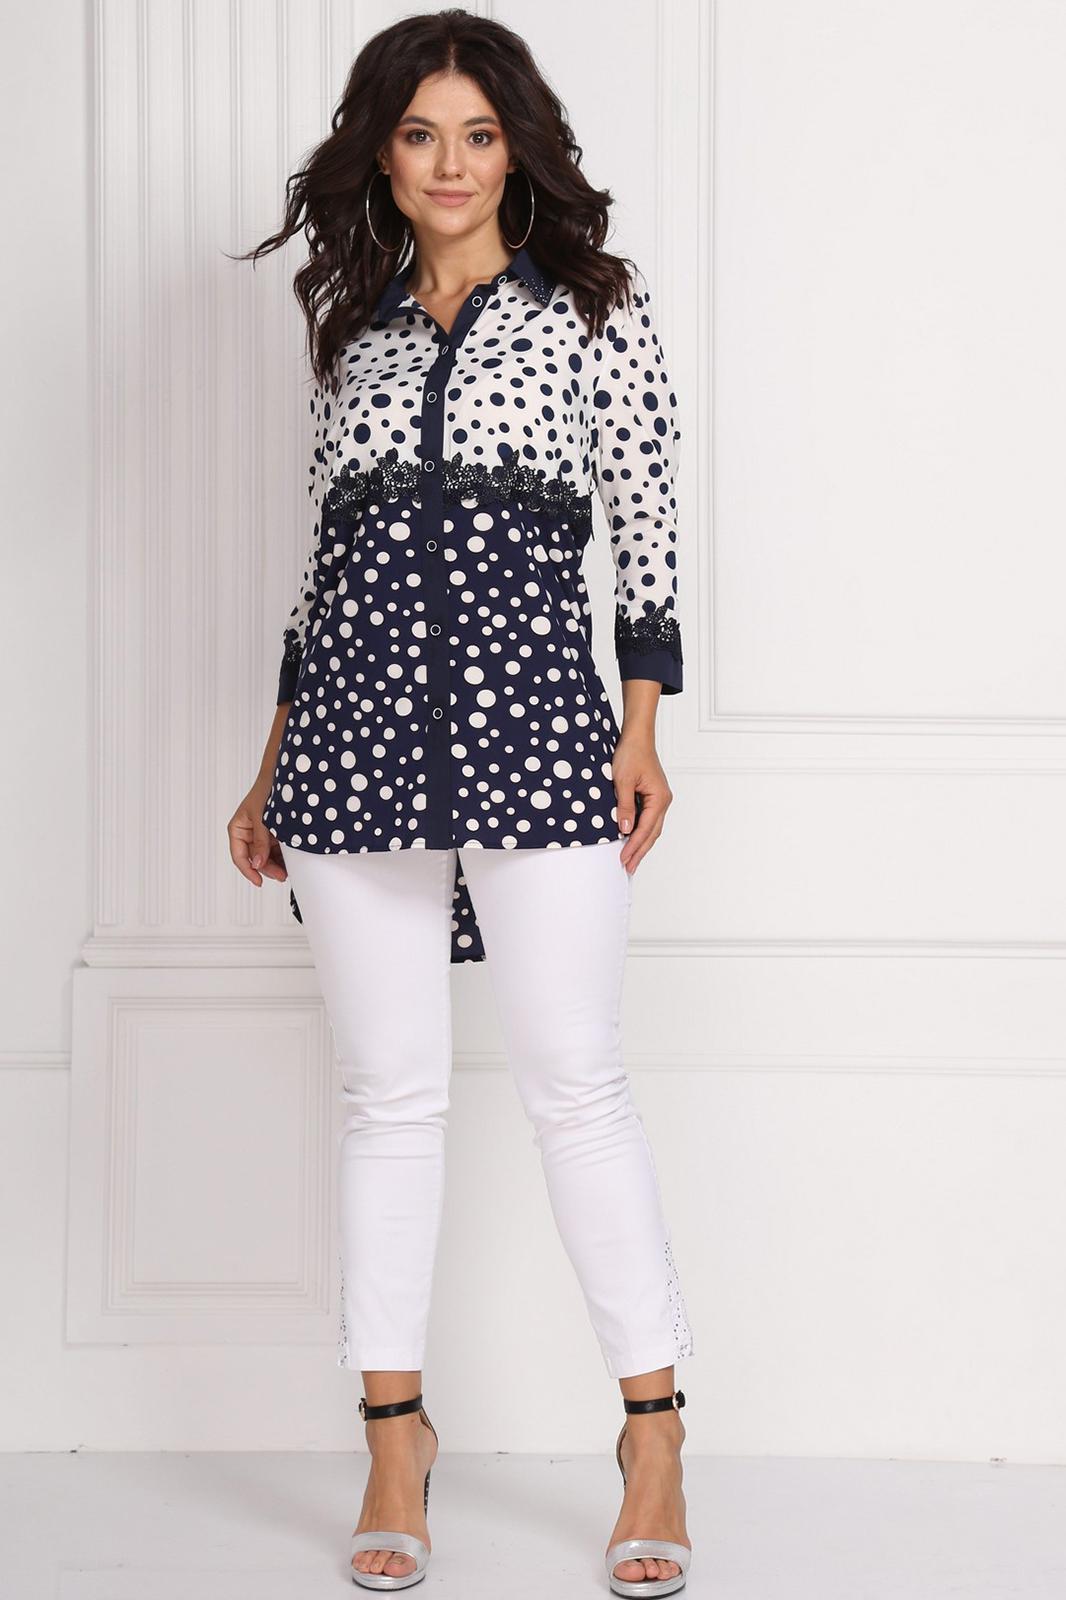 3652e7ea51544 Купить блузку большого размера в Минске. Блузки для полных женщин